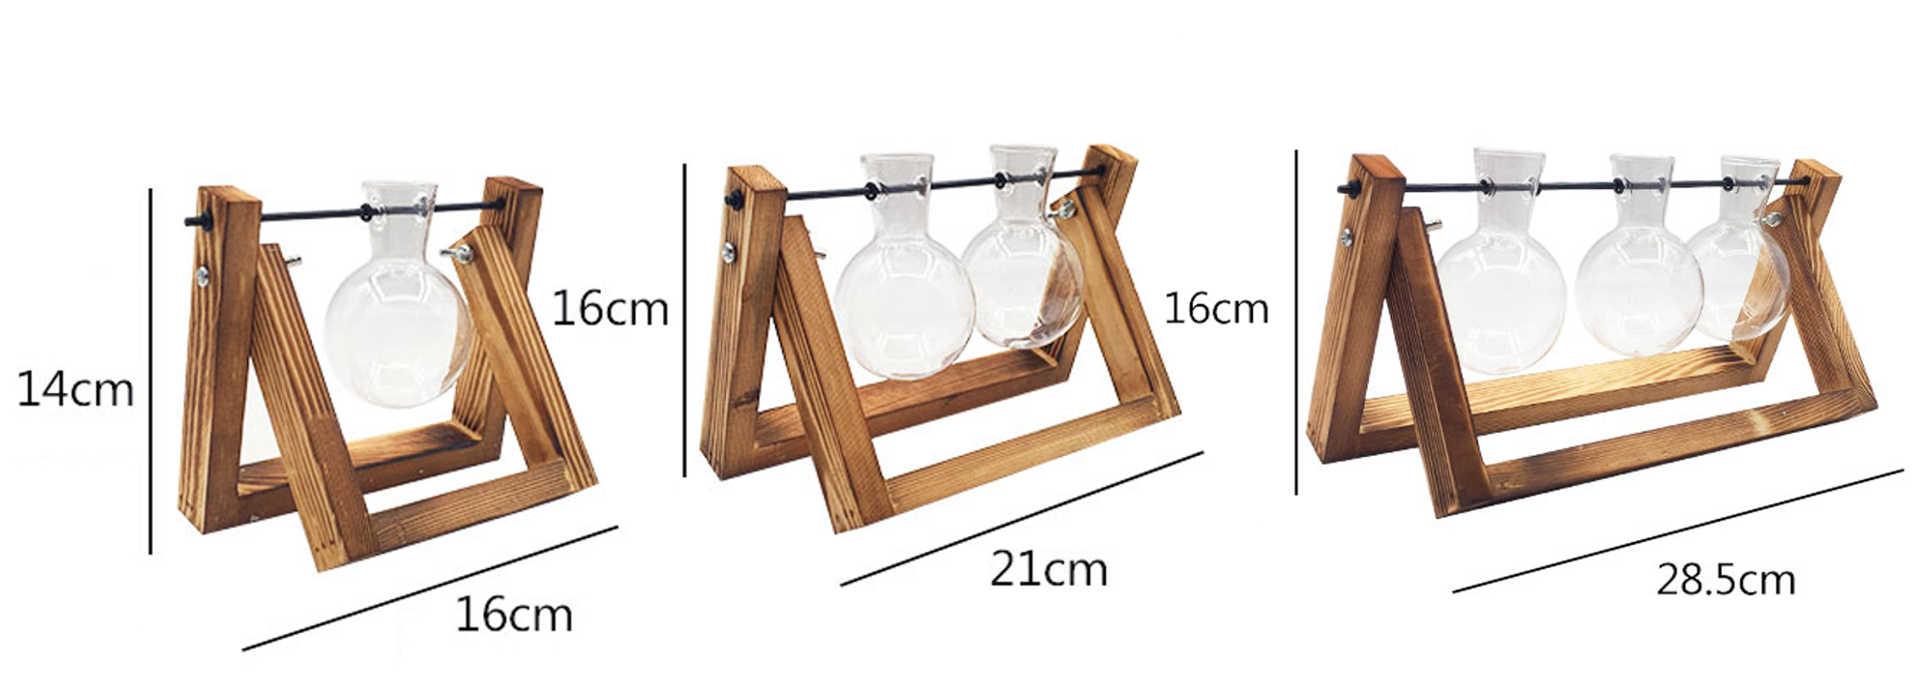 Dimensions d'un vase pour déco de table modèle trétau bois